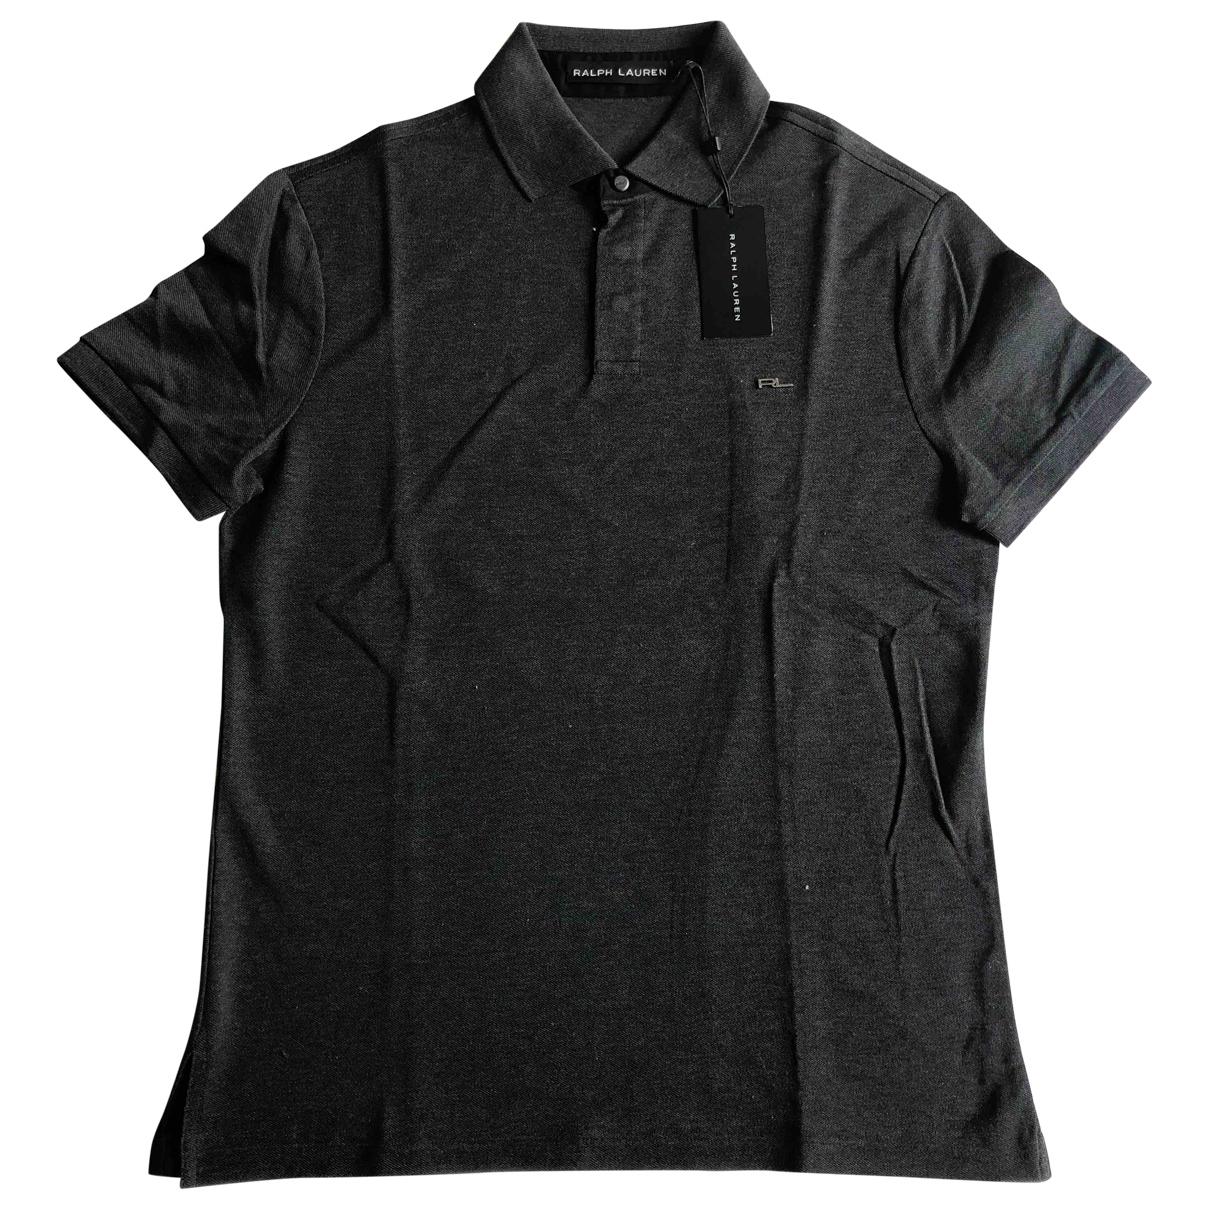 Ralph Lauren - Polos   pour homme en coton - anthracite